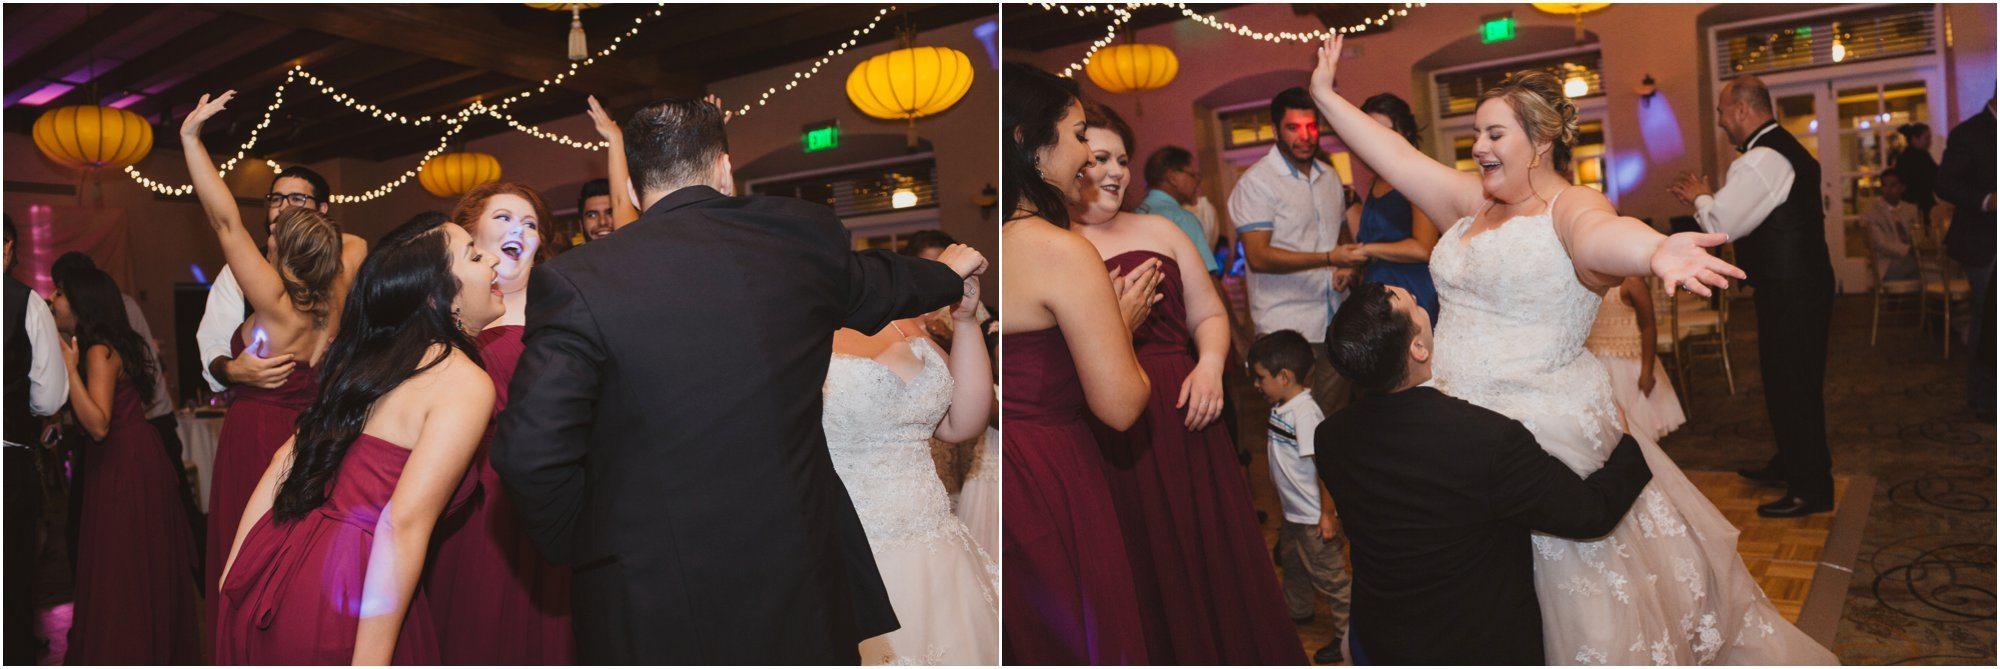 0030albuquerque-wedding-photography_-santa-fe-wedding-photographer_-blue-rose-studio